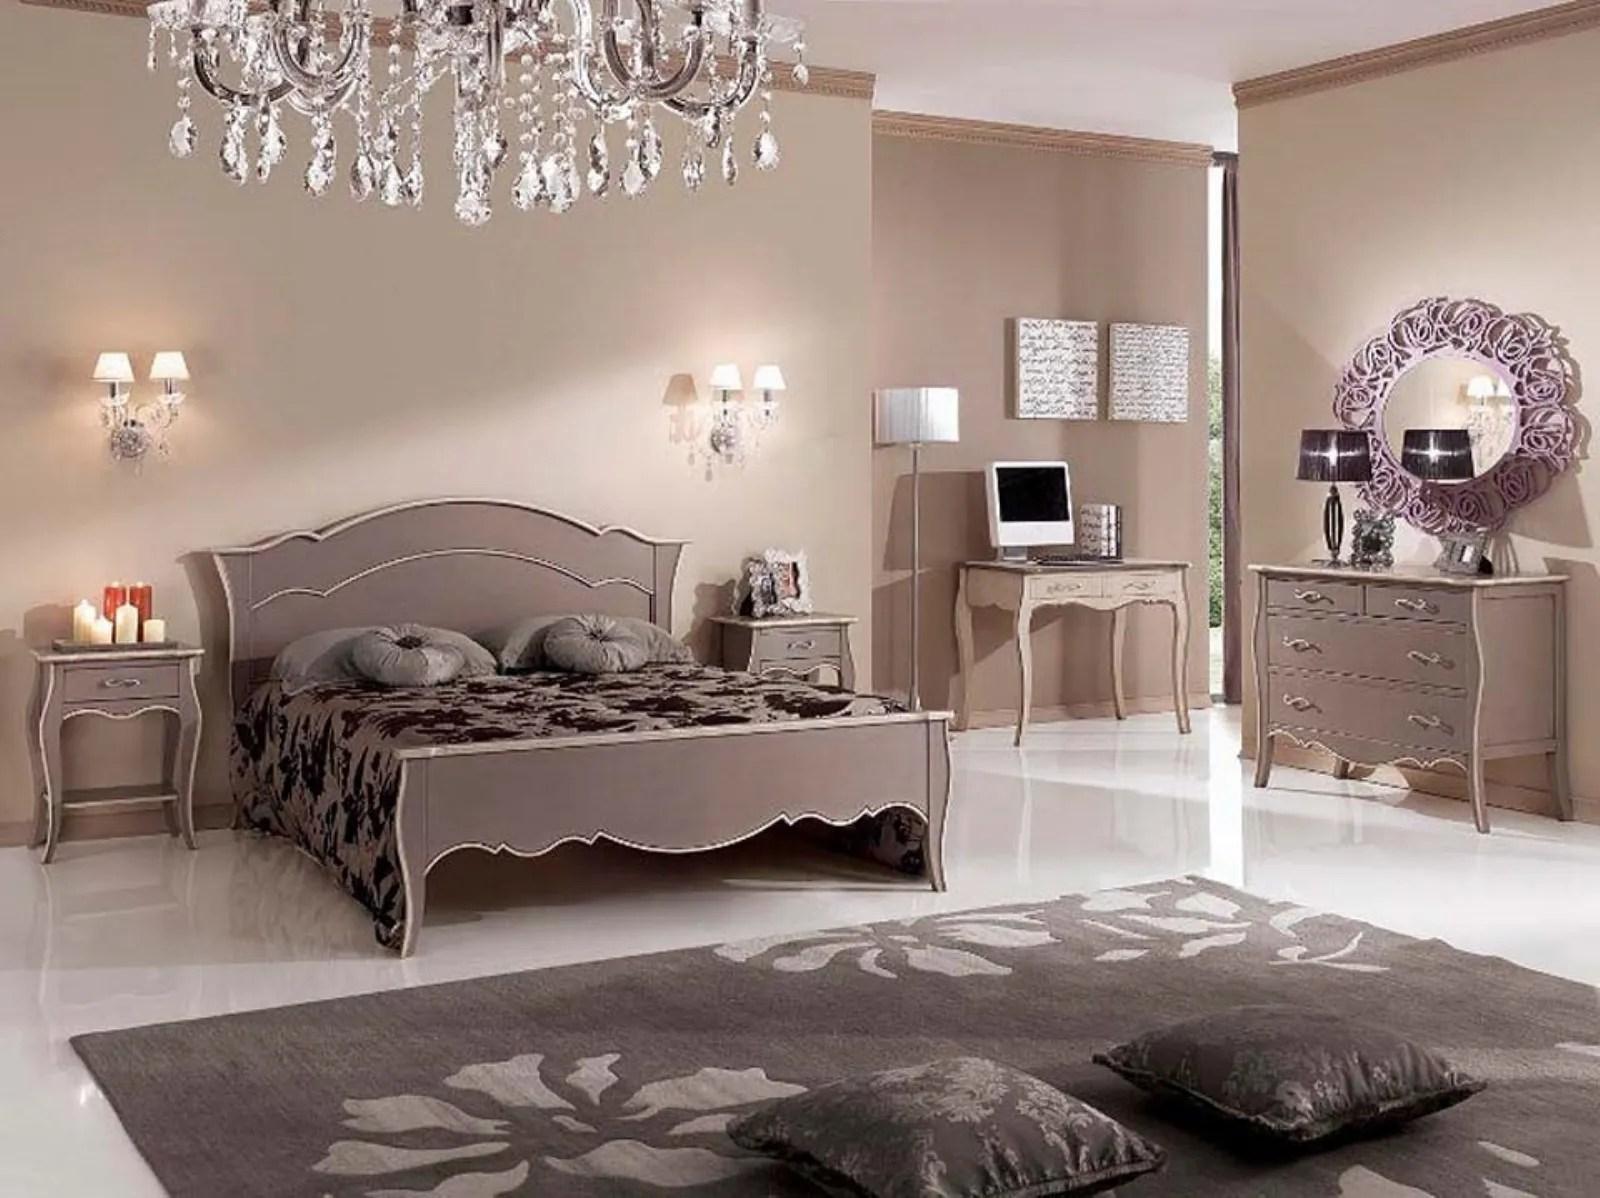 Una camera da letto in stile classico implica l'uso dell'intero set di mobili: Tinteggiatura Camera Da Letto Guida Alla Scelta Dei Colori